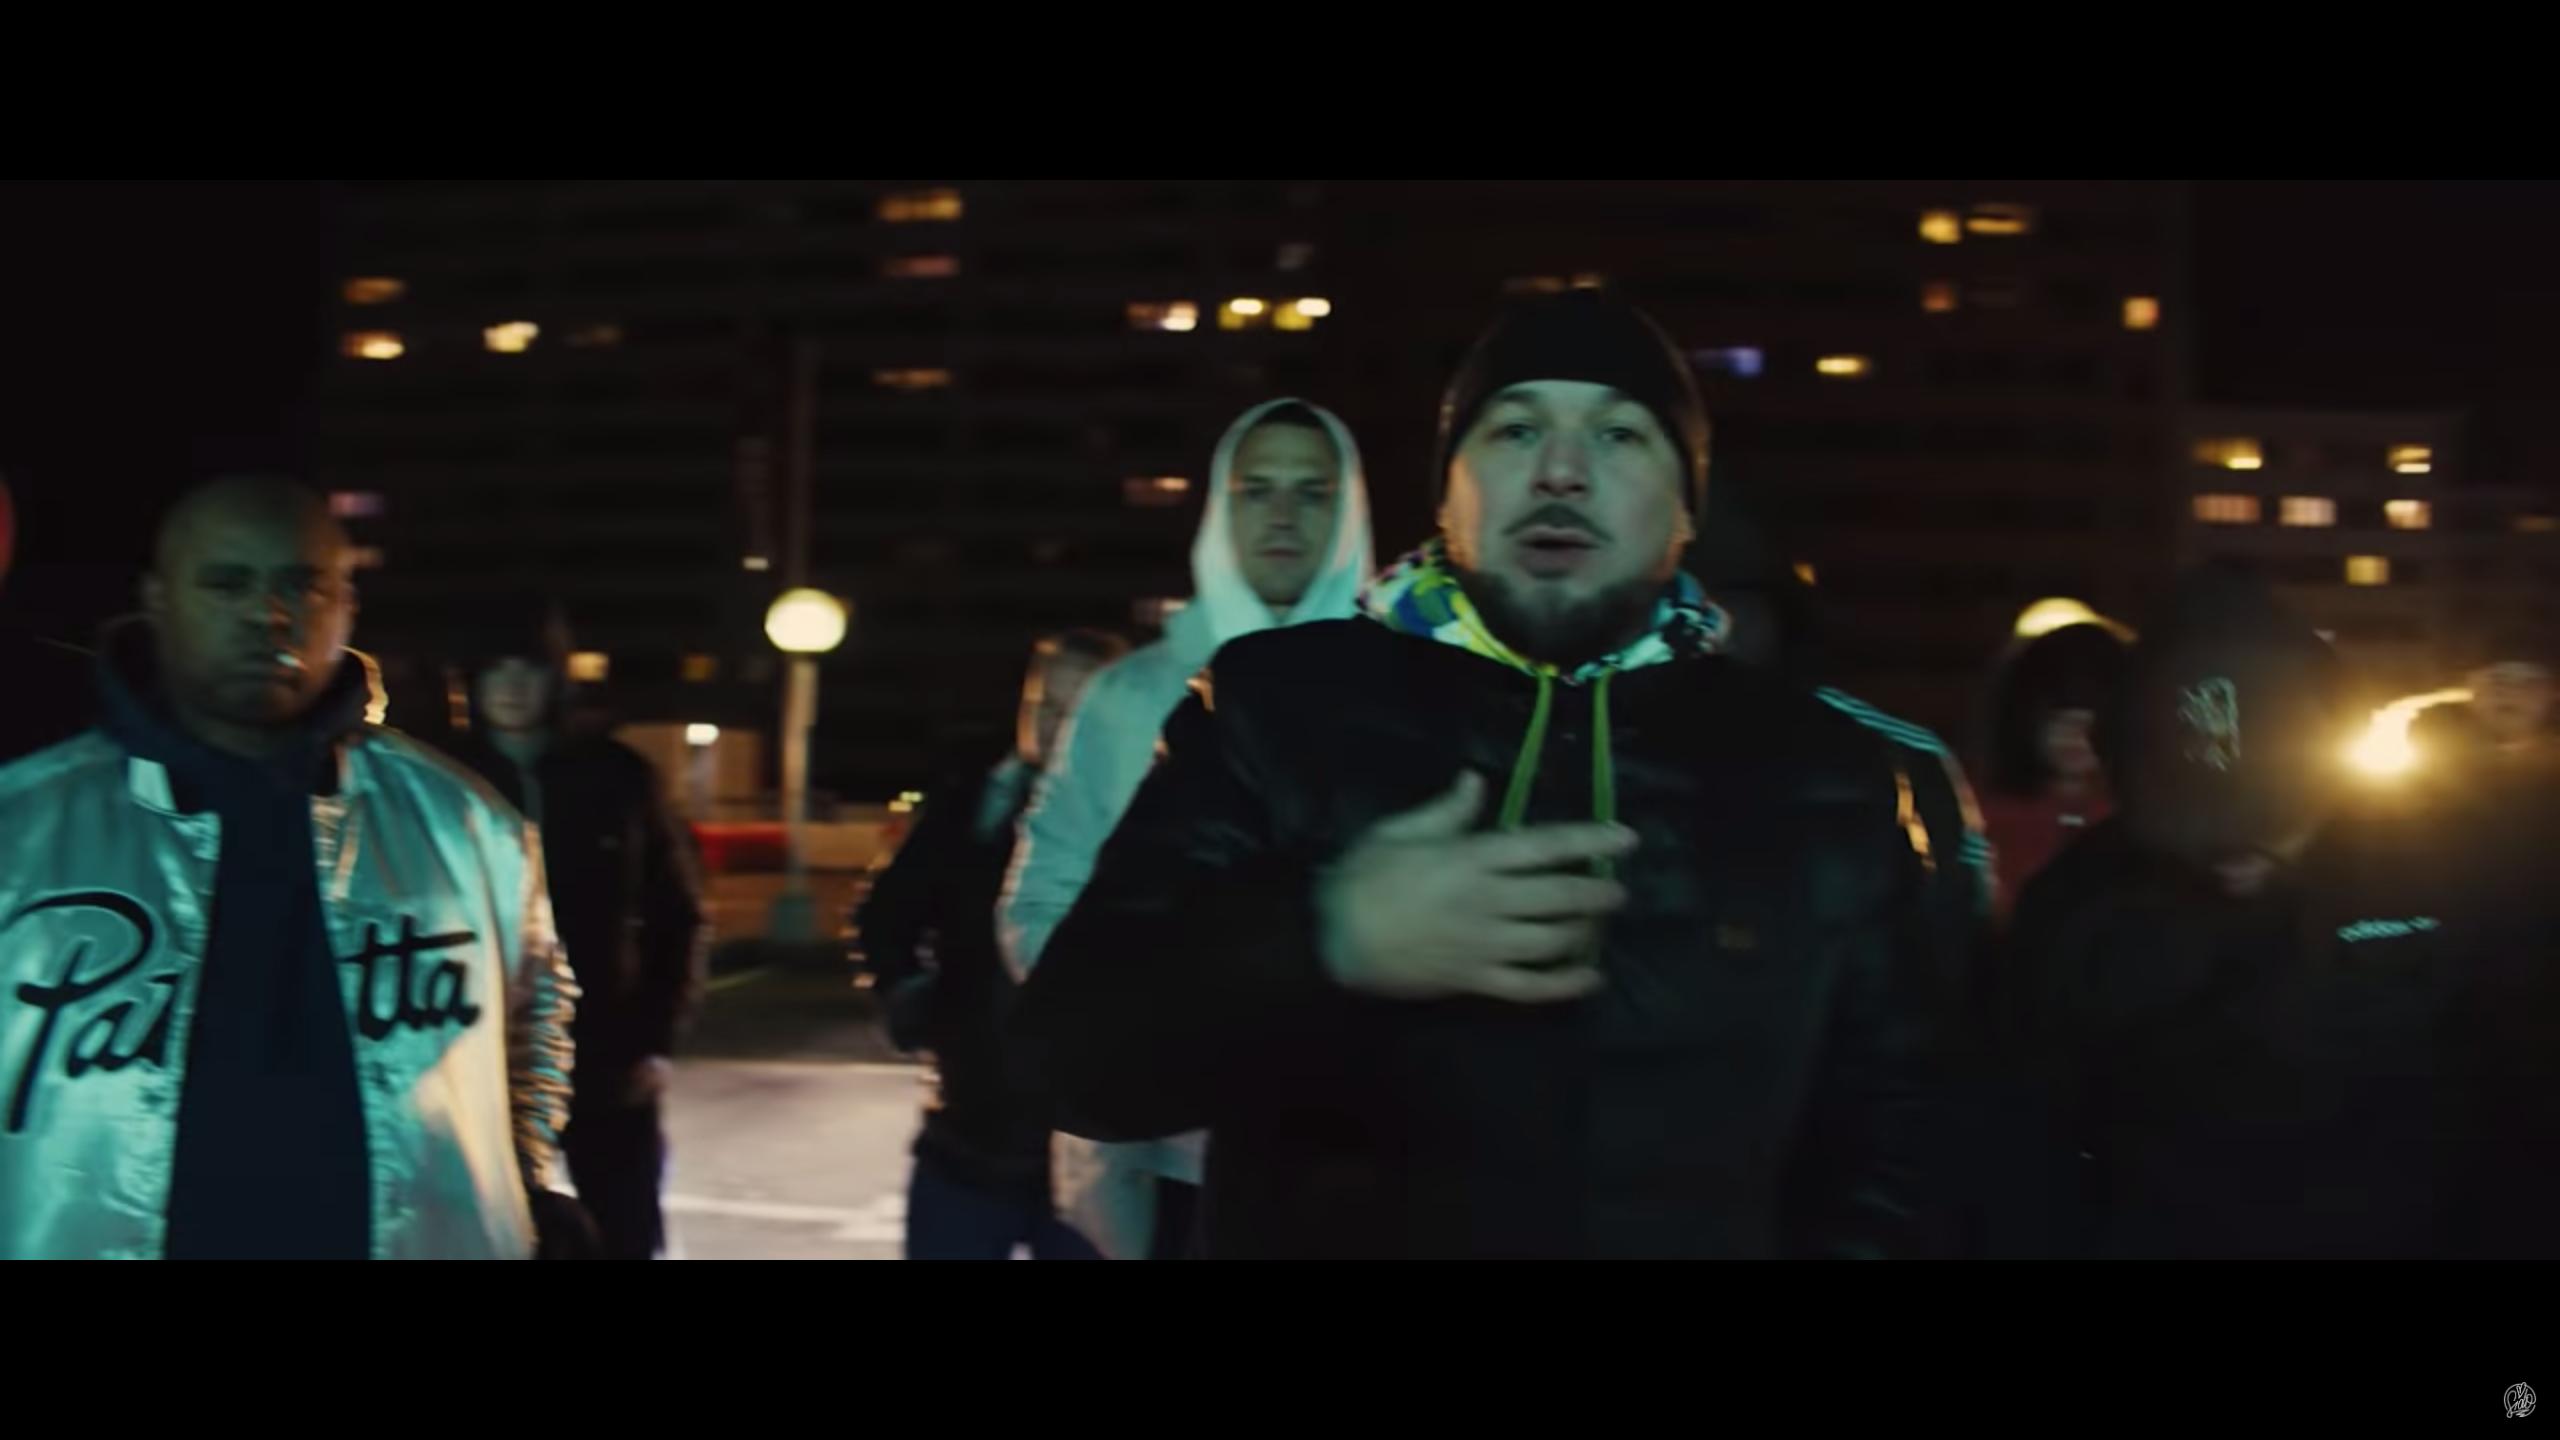 sido-haftbefehl-kool-savas-4-uhr-nachts-video